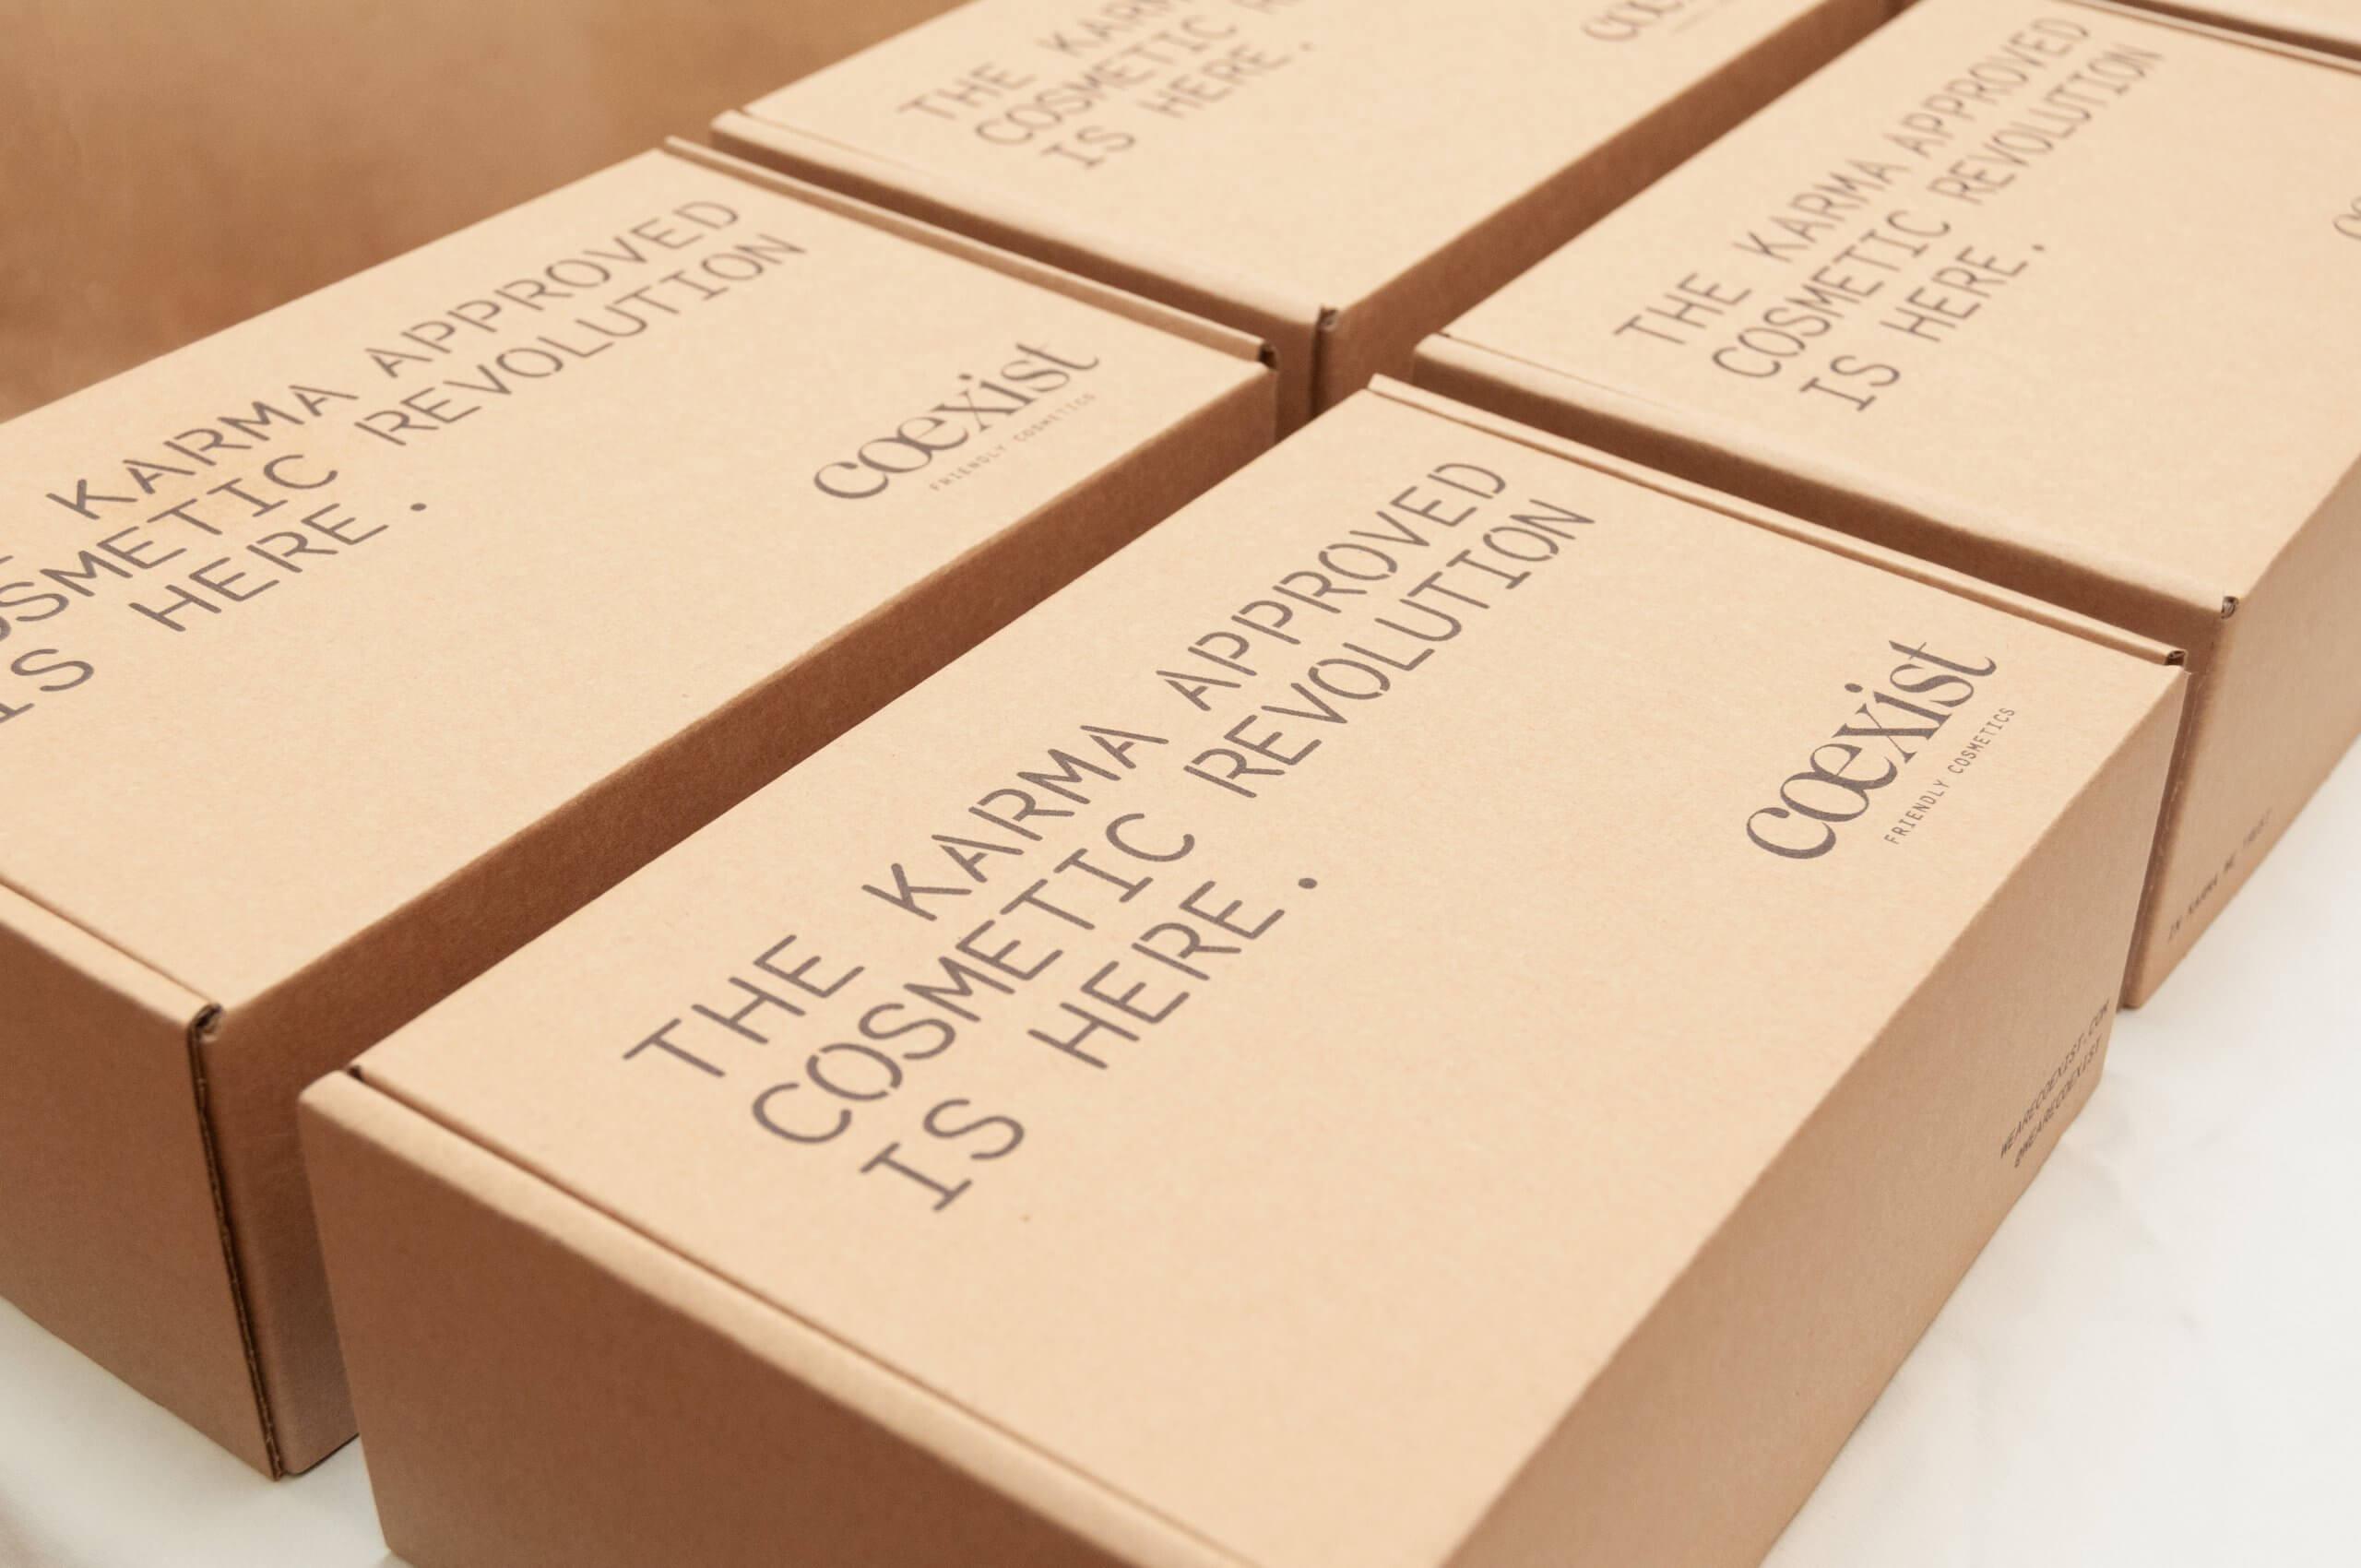 varias cajas de cartón corrugado de la marca Coexist